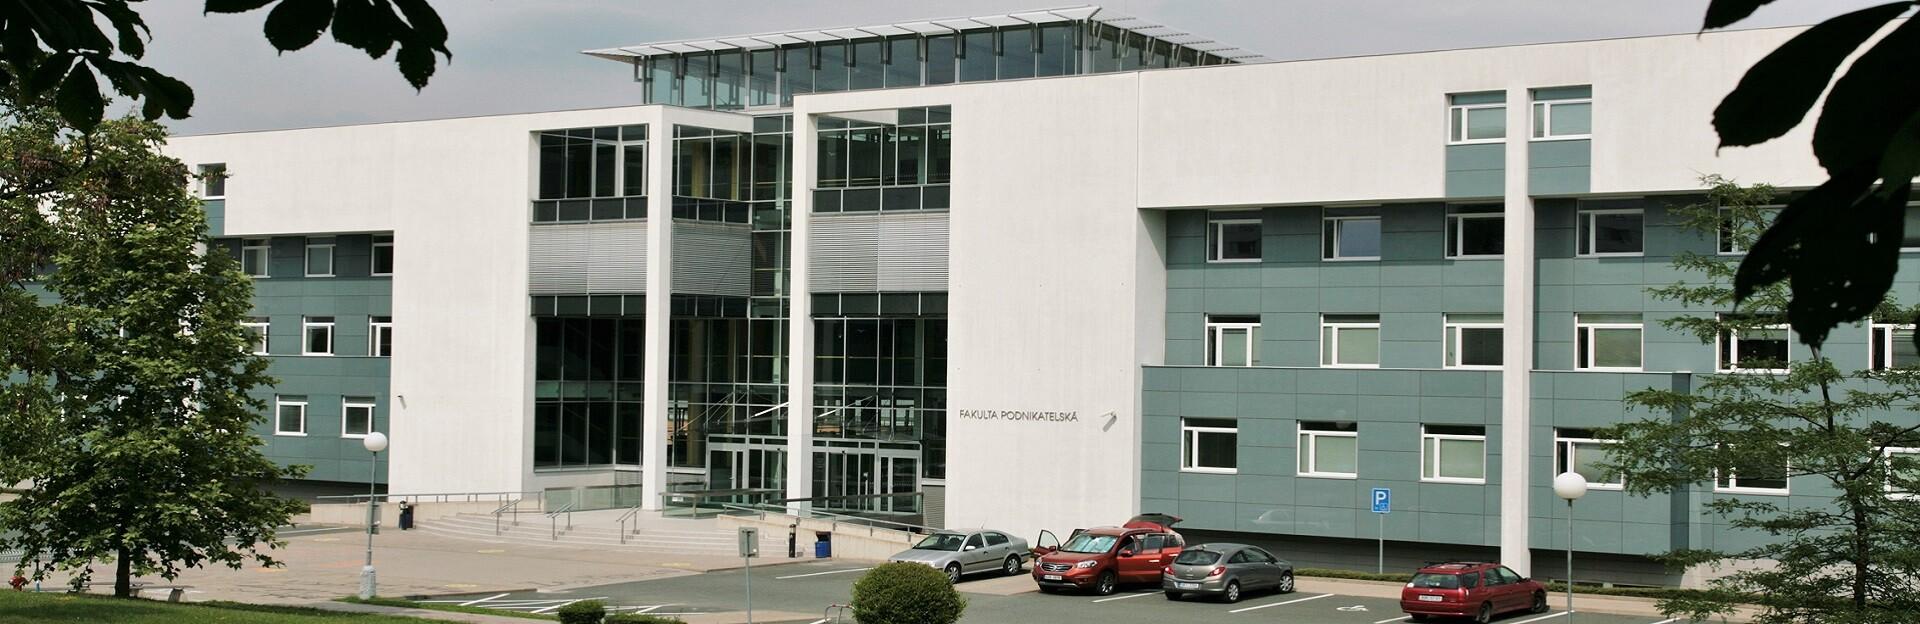 Fakulta podnikatelská (FPVUT)